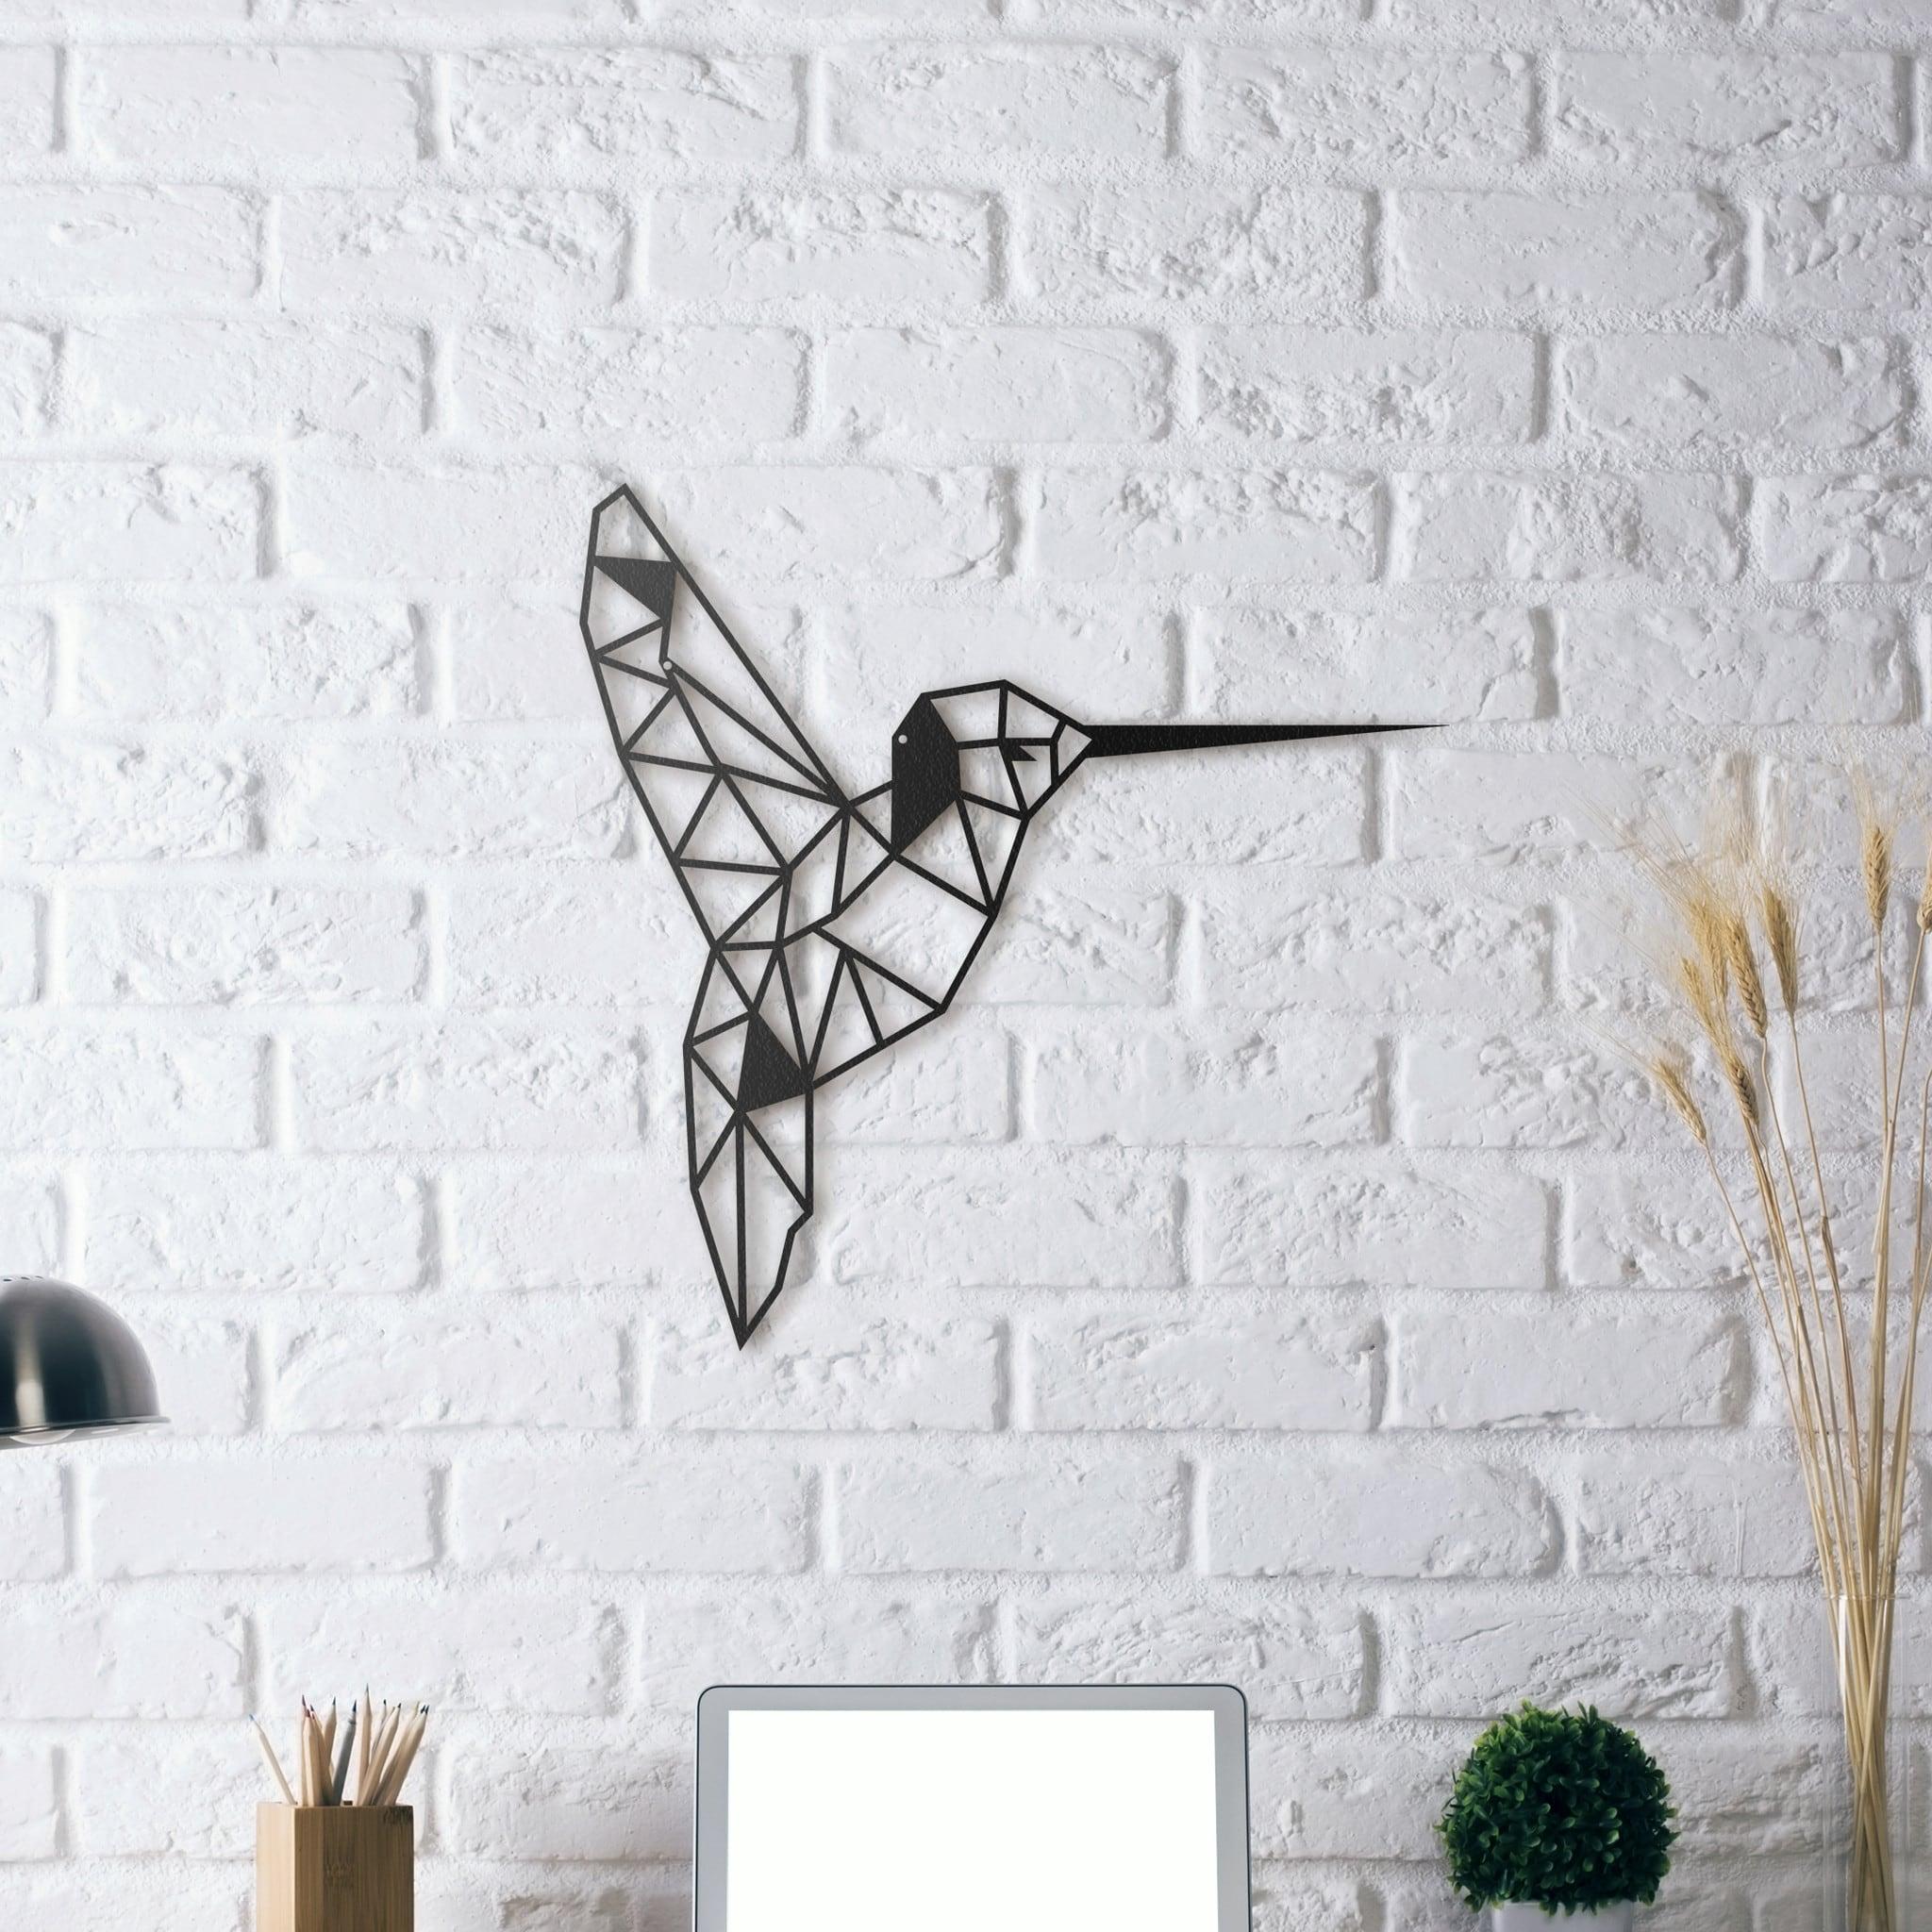 Décoration murale métal d'un colibri pour prendre votre envol depuis votre intérieur